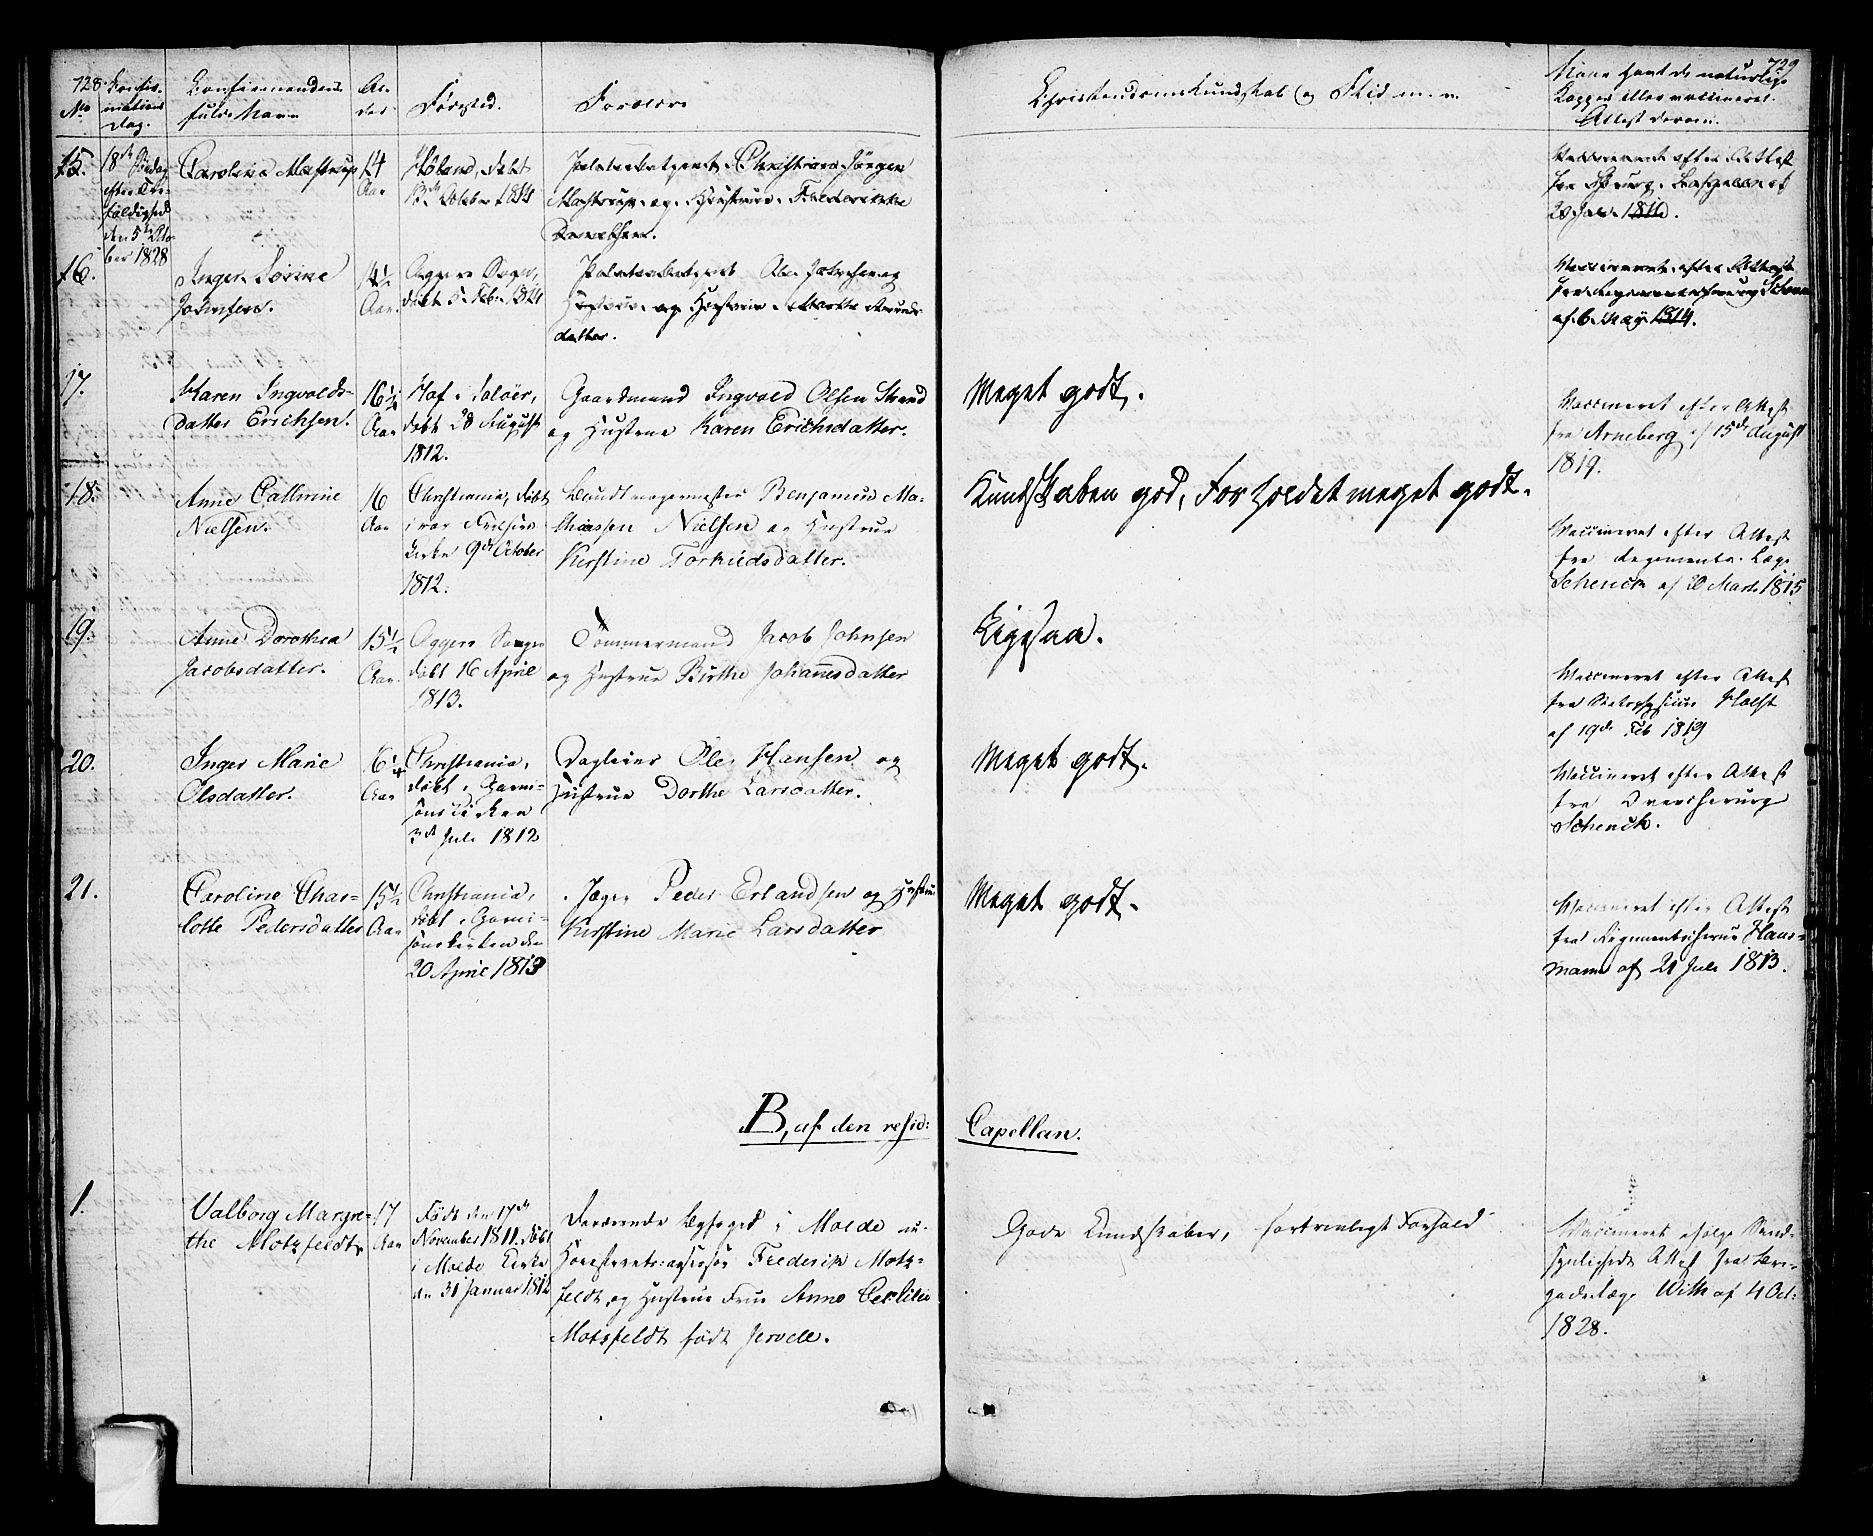 SAO, Oslo domkirke Kirkebøker, F/Fa/L0010: Ministerialbok nr. 10, 1824-1830, s. 728-729